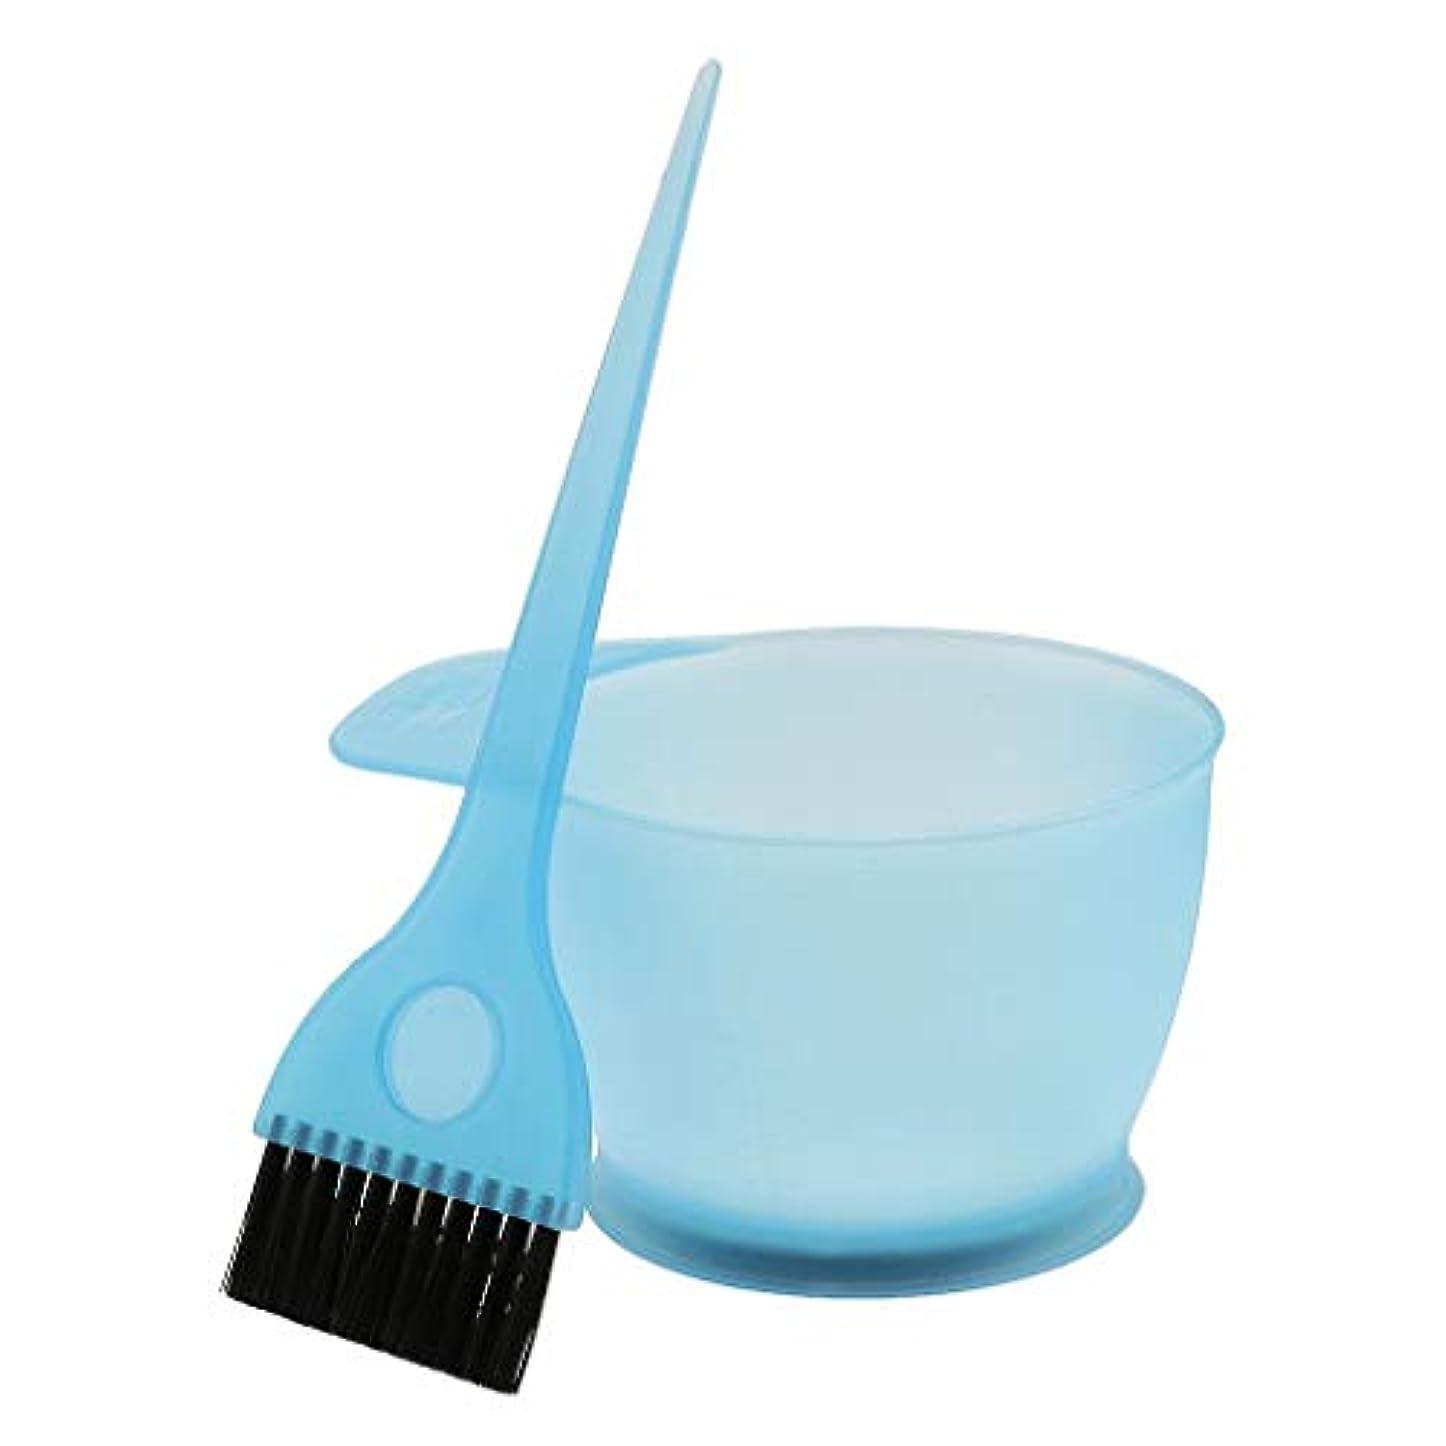 軽量検索エンジンマーケティングファンド美容院に合う髪染料ボウルブラシセット理髪色合いブリーチツール (ブルー)